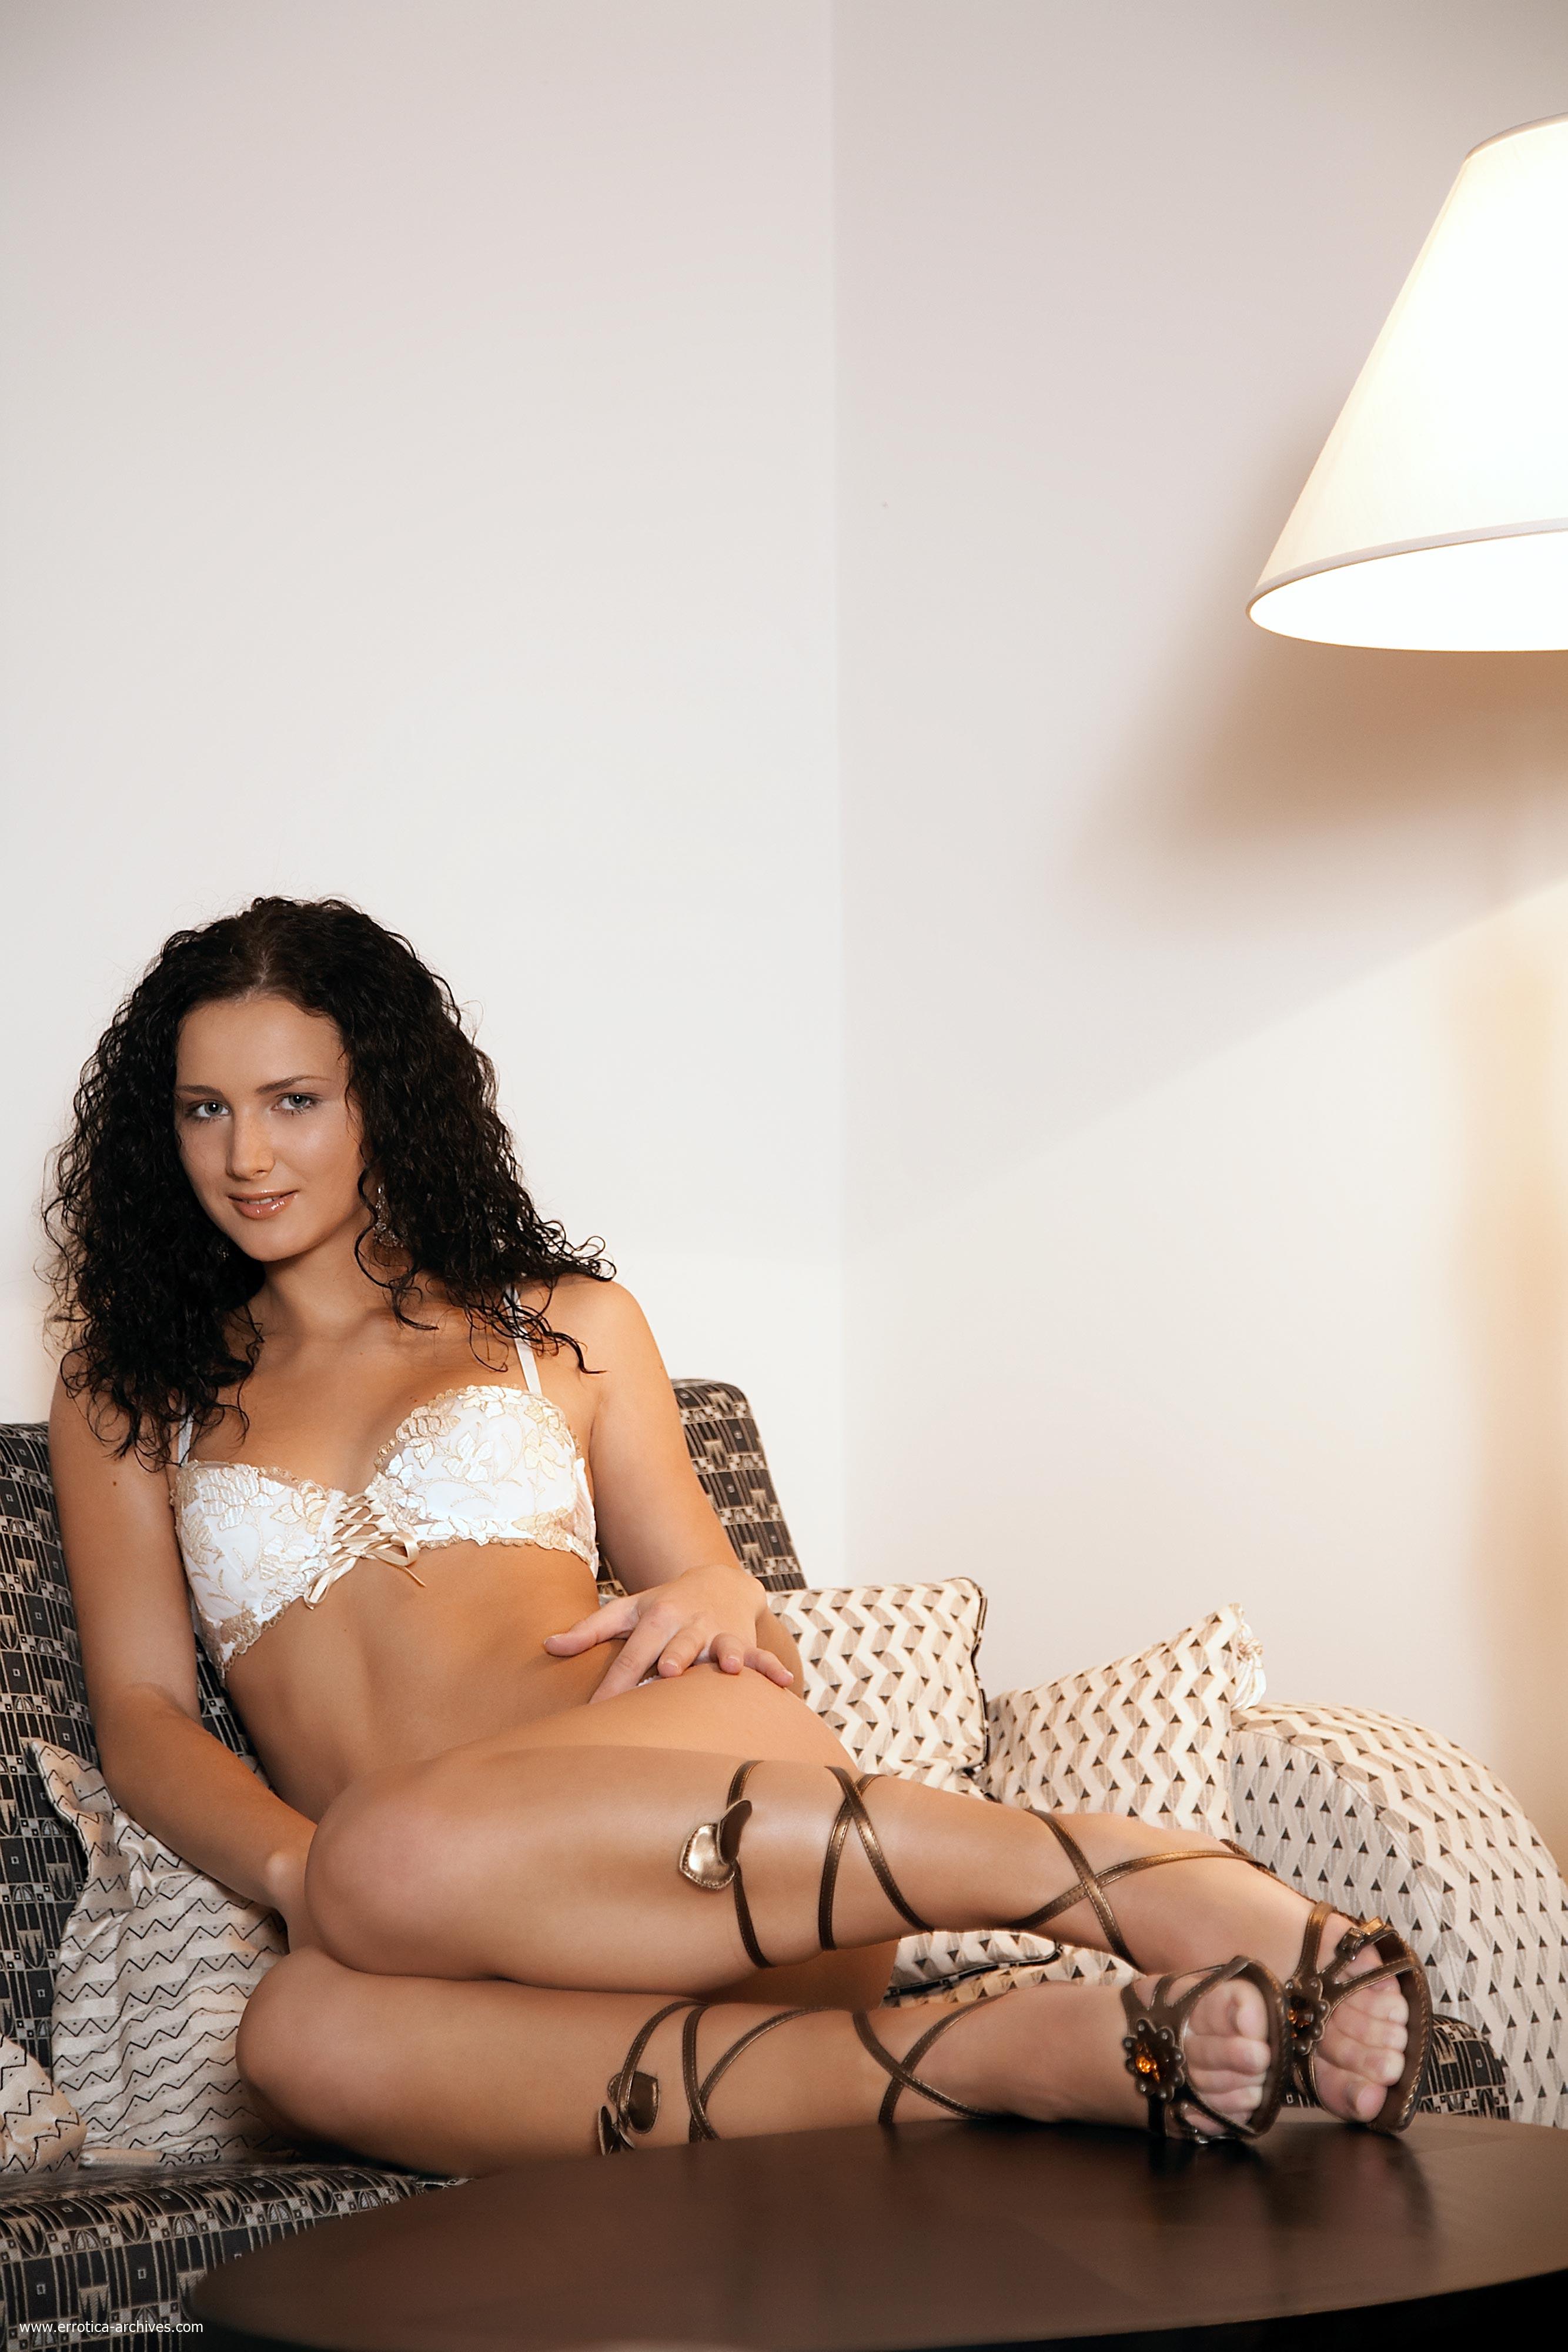 andie s 04 0003 l andie s04 0003 16247461 free. Black Bedroom Furniture Sets. Home Design Ideas